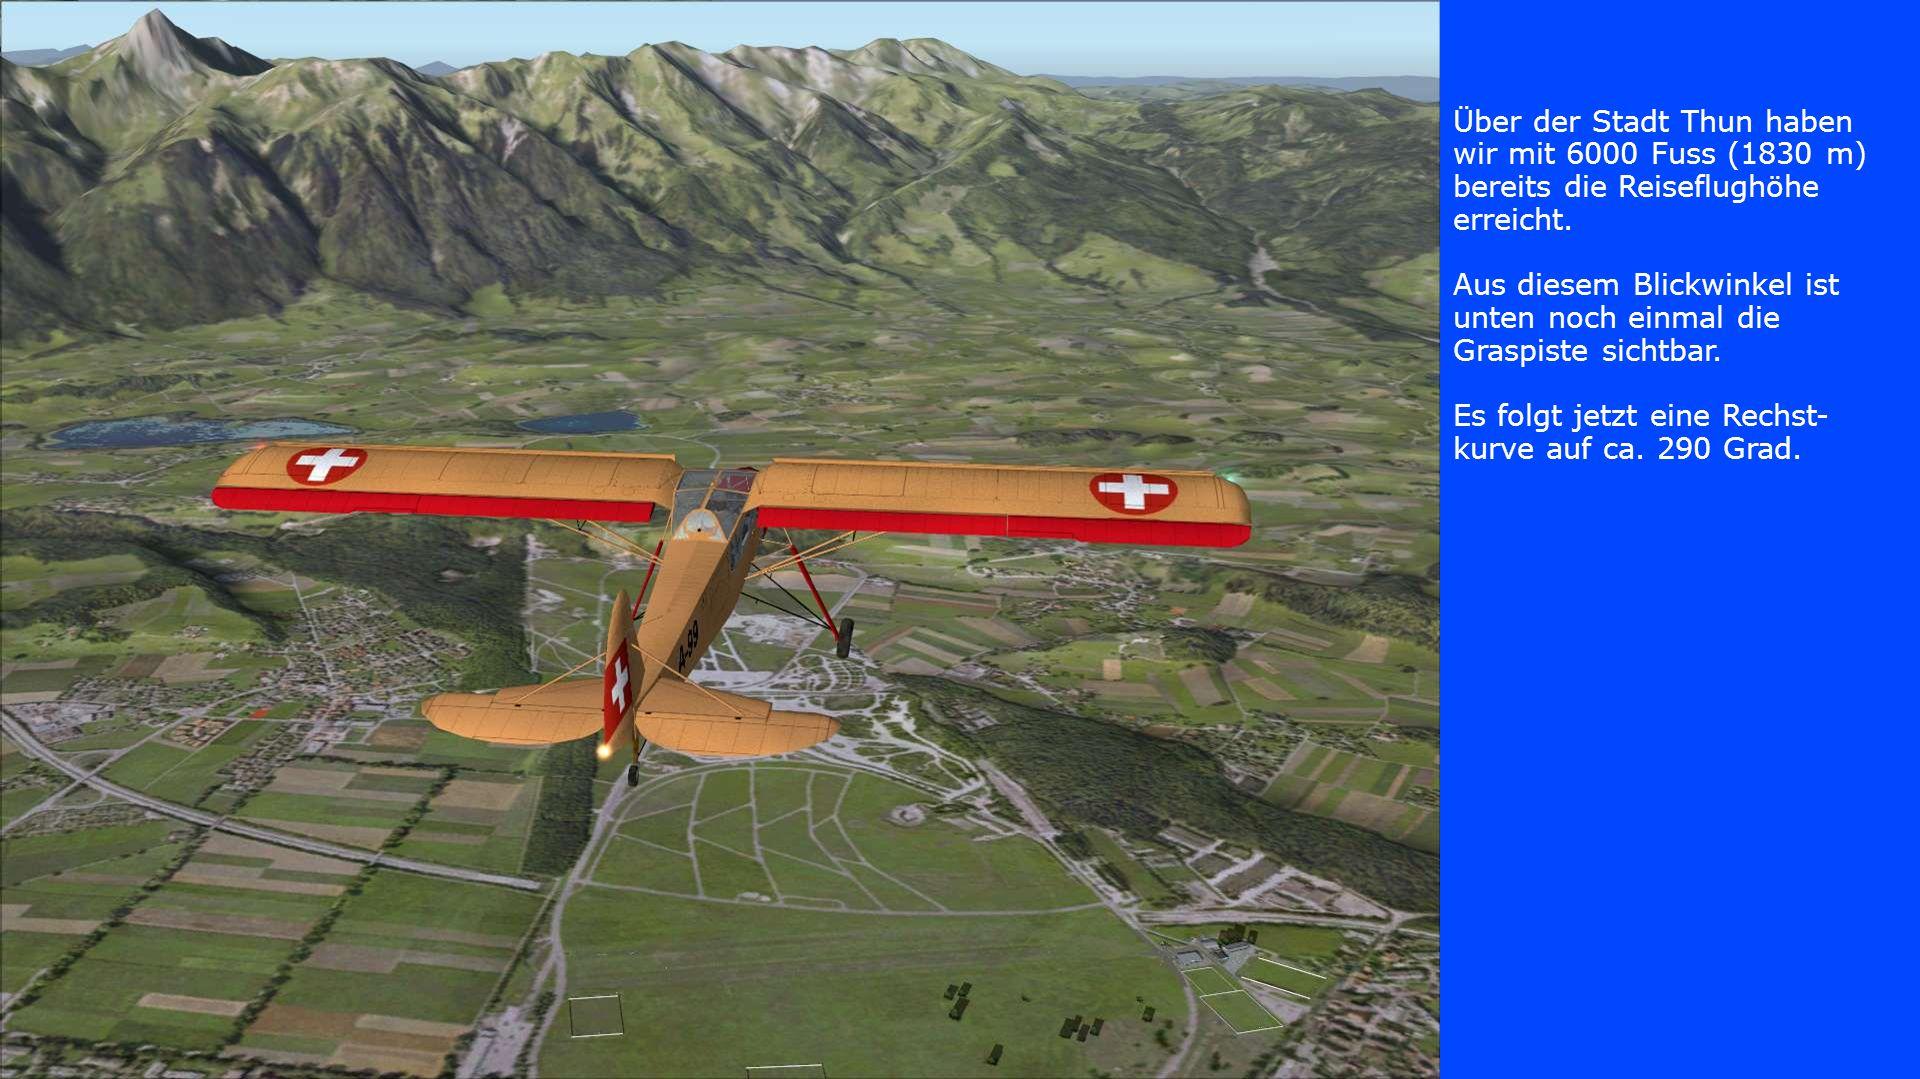 Über der Stadt Thun haben wir mit 6000 Fuss (1830 m) bereits die Reiseflughöhe erreicht. Aus diesem Blickwinkel ist unten noch einmal die Graspiste si